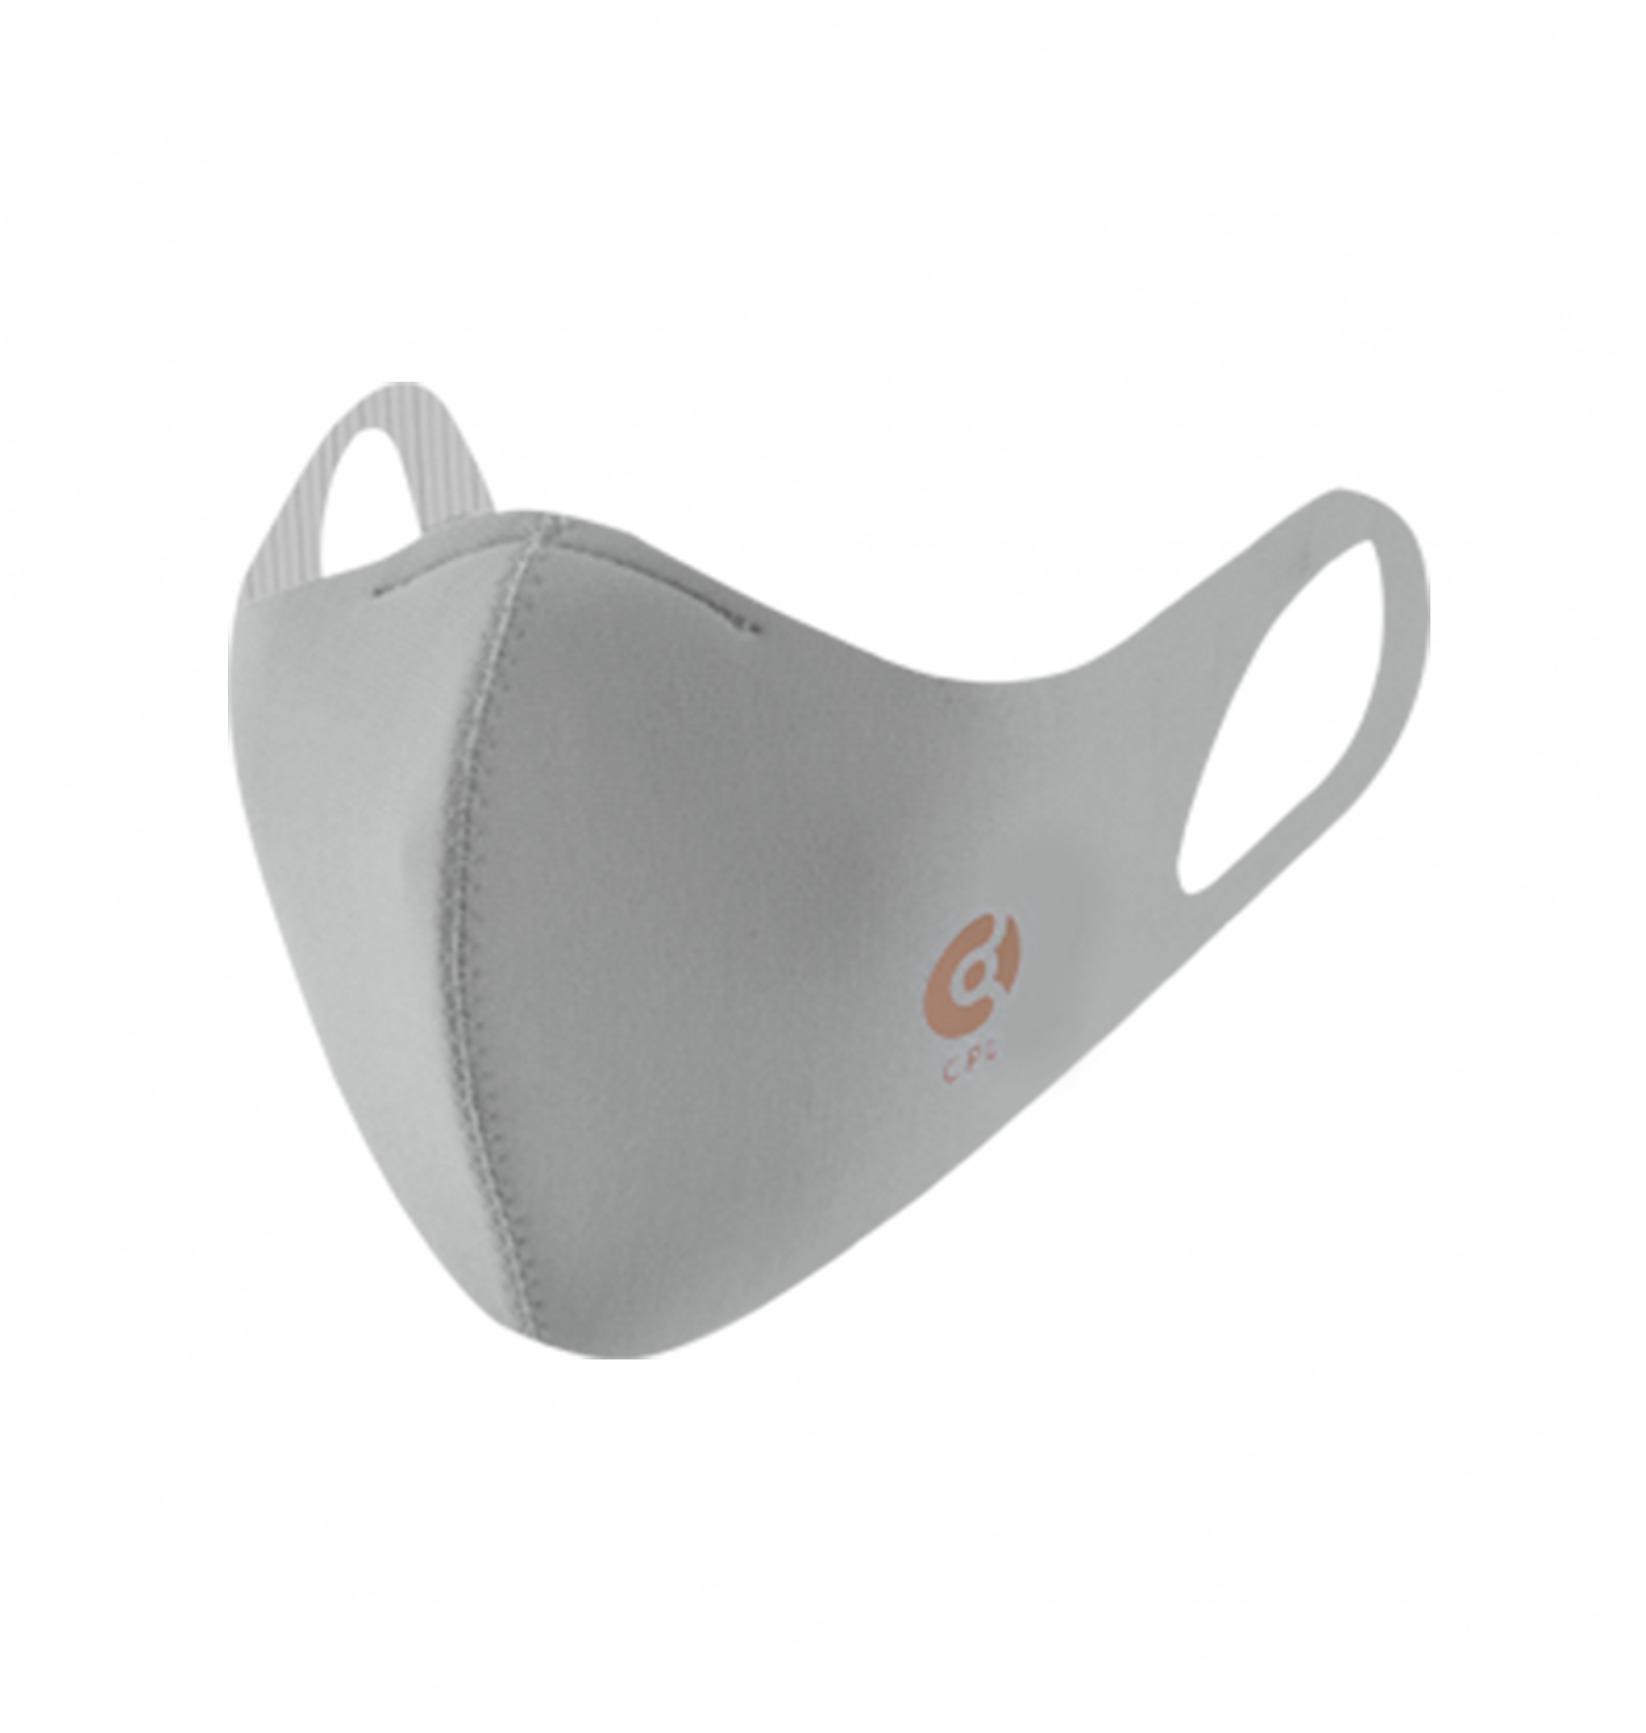 コパーライン 銅抗菌マスク ライトグレー